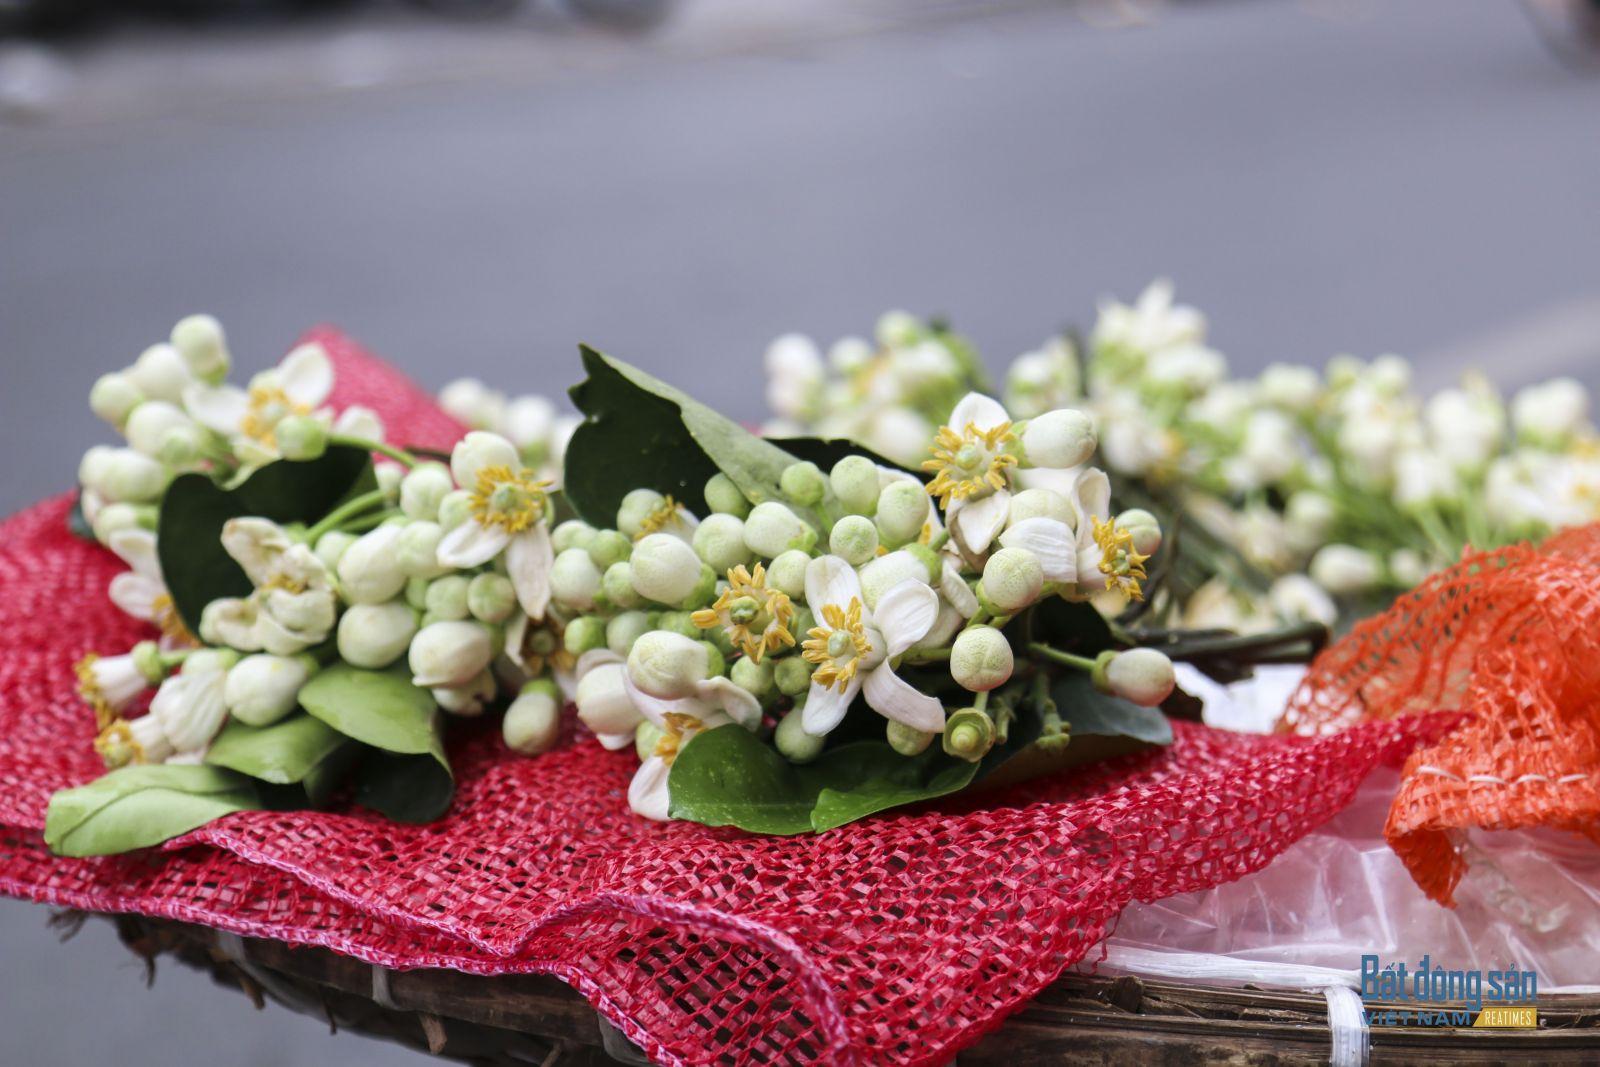 Hà Nội dịu dàng mùa hoa bưởi về trên phố